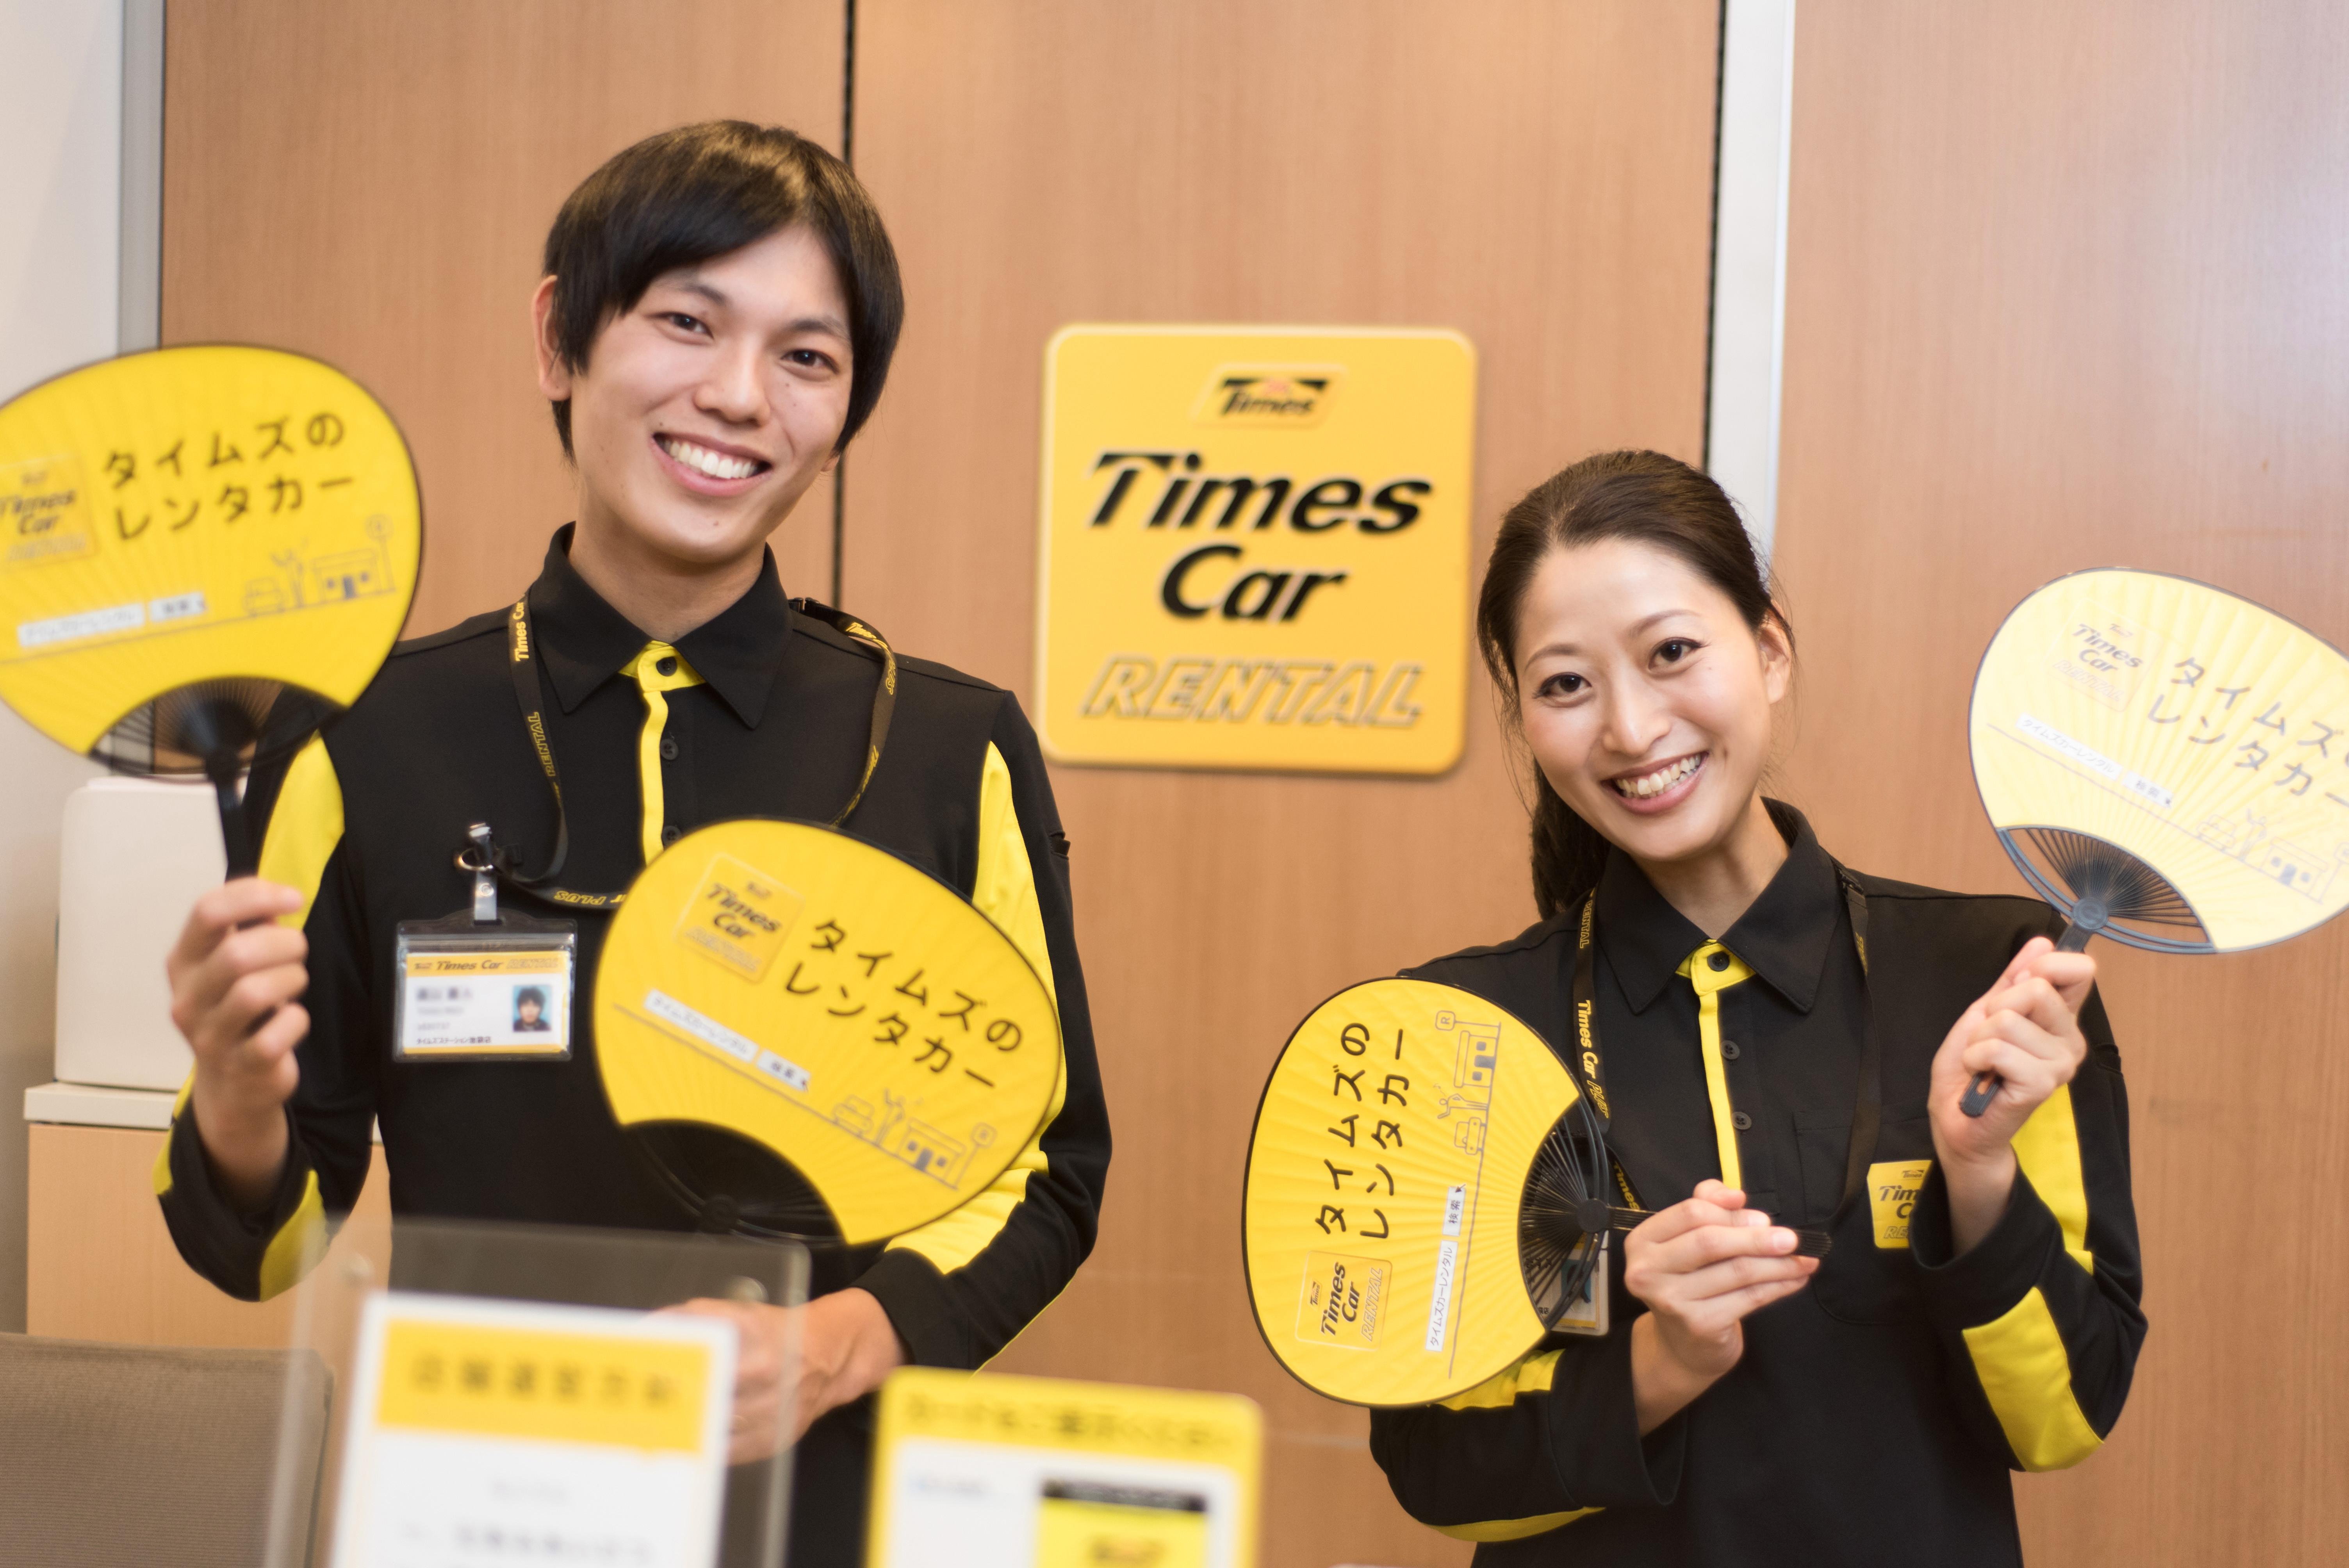 タイムズカーレンタル 関内駅前タイムズステーション横浜関内店 のアルバイト情報